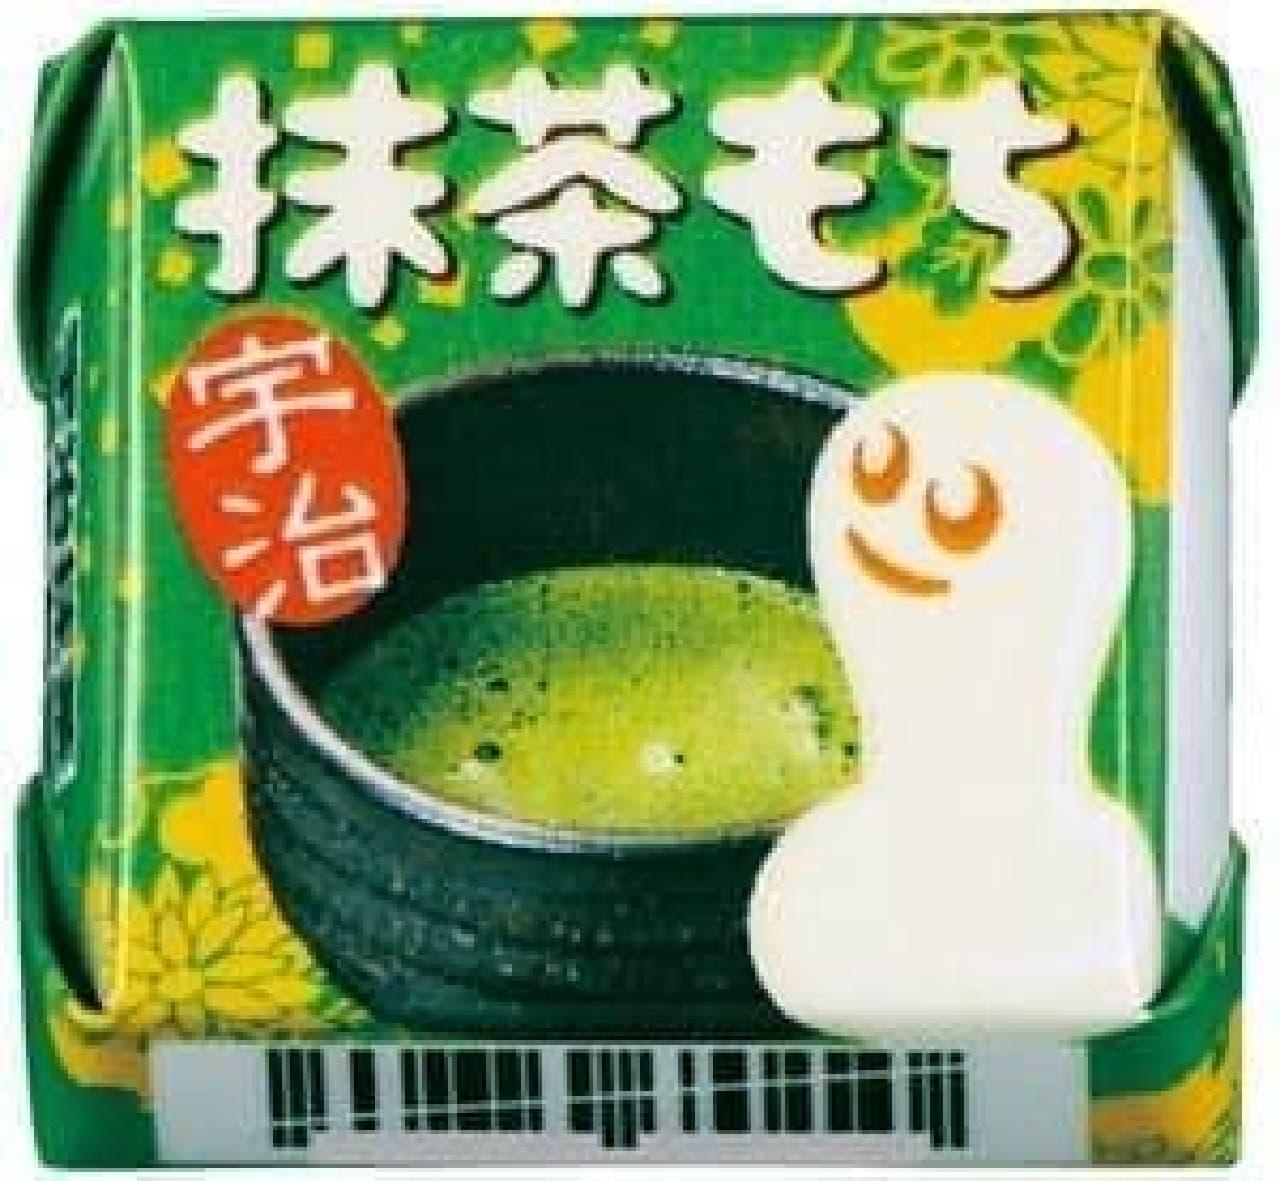 抹茶ファン待望!「チロルチョコ〈宇治抹茶もち〉」